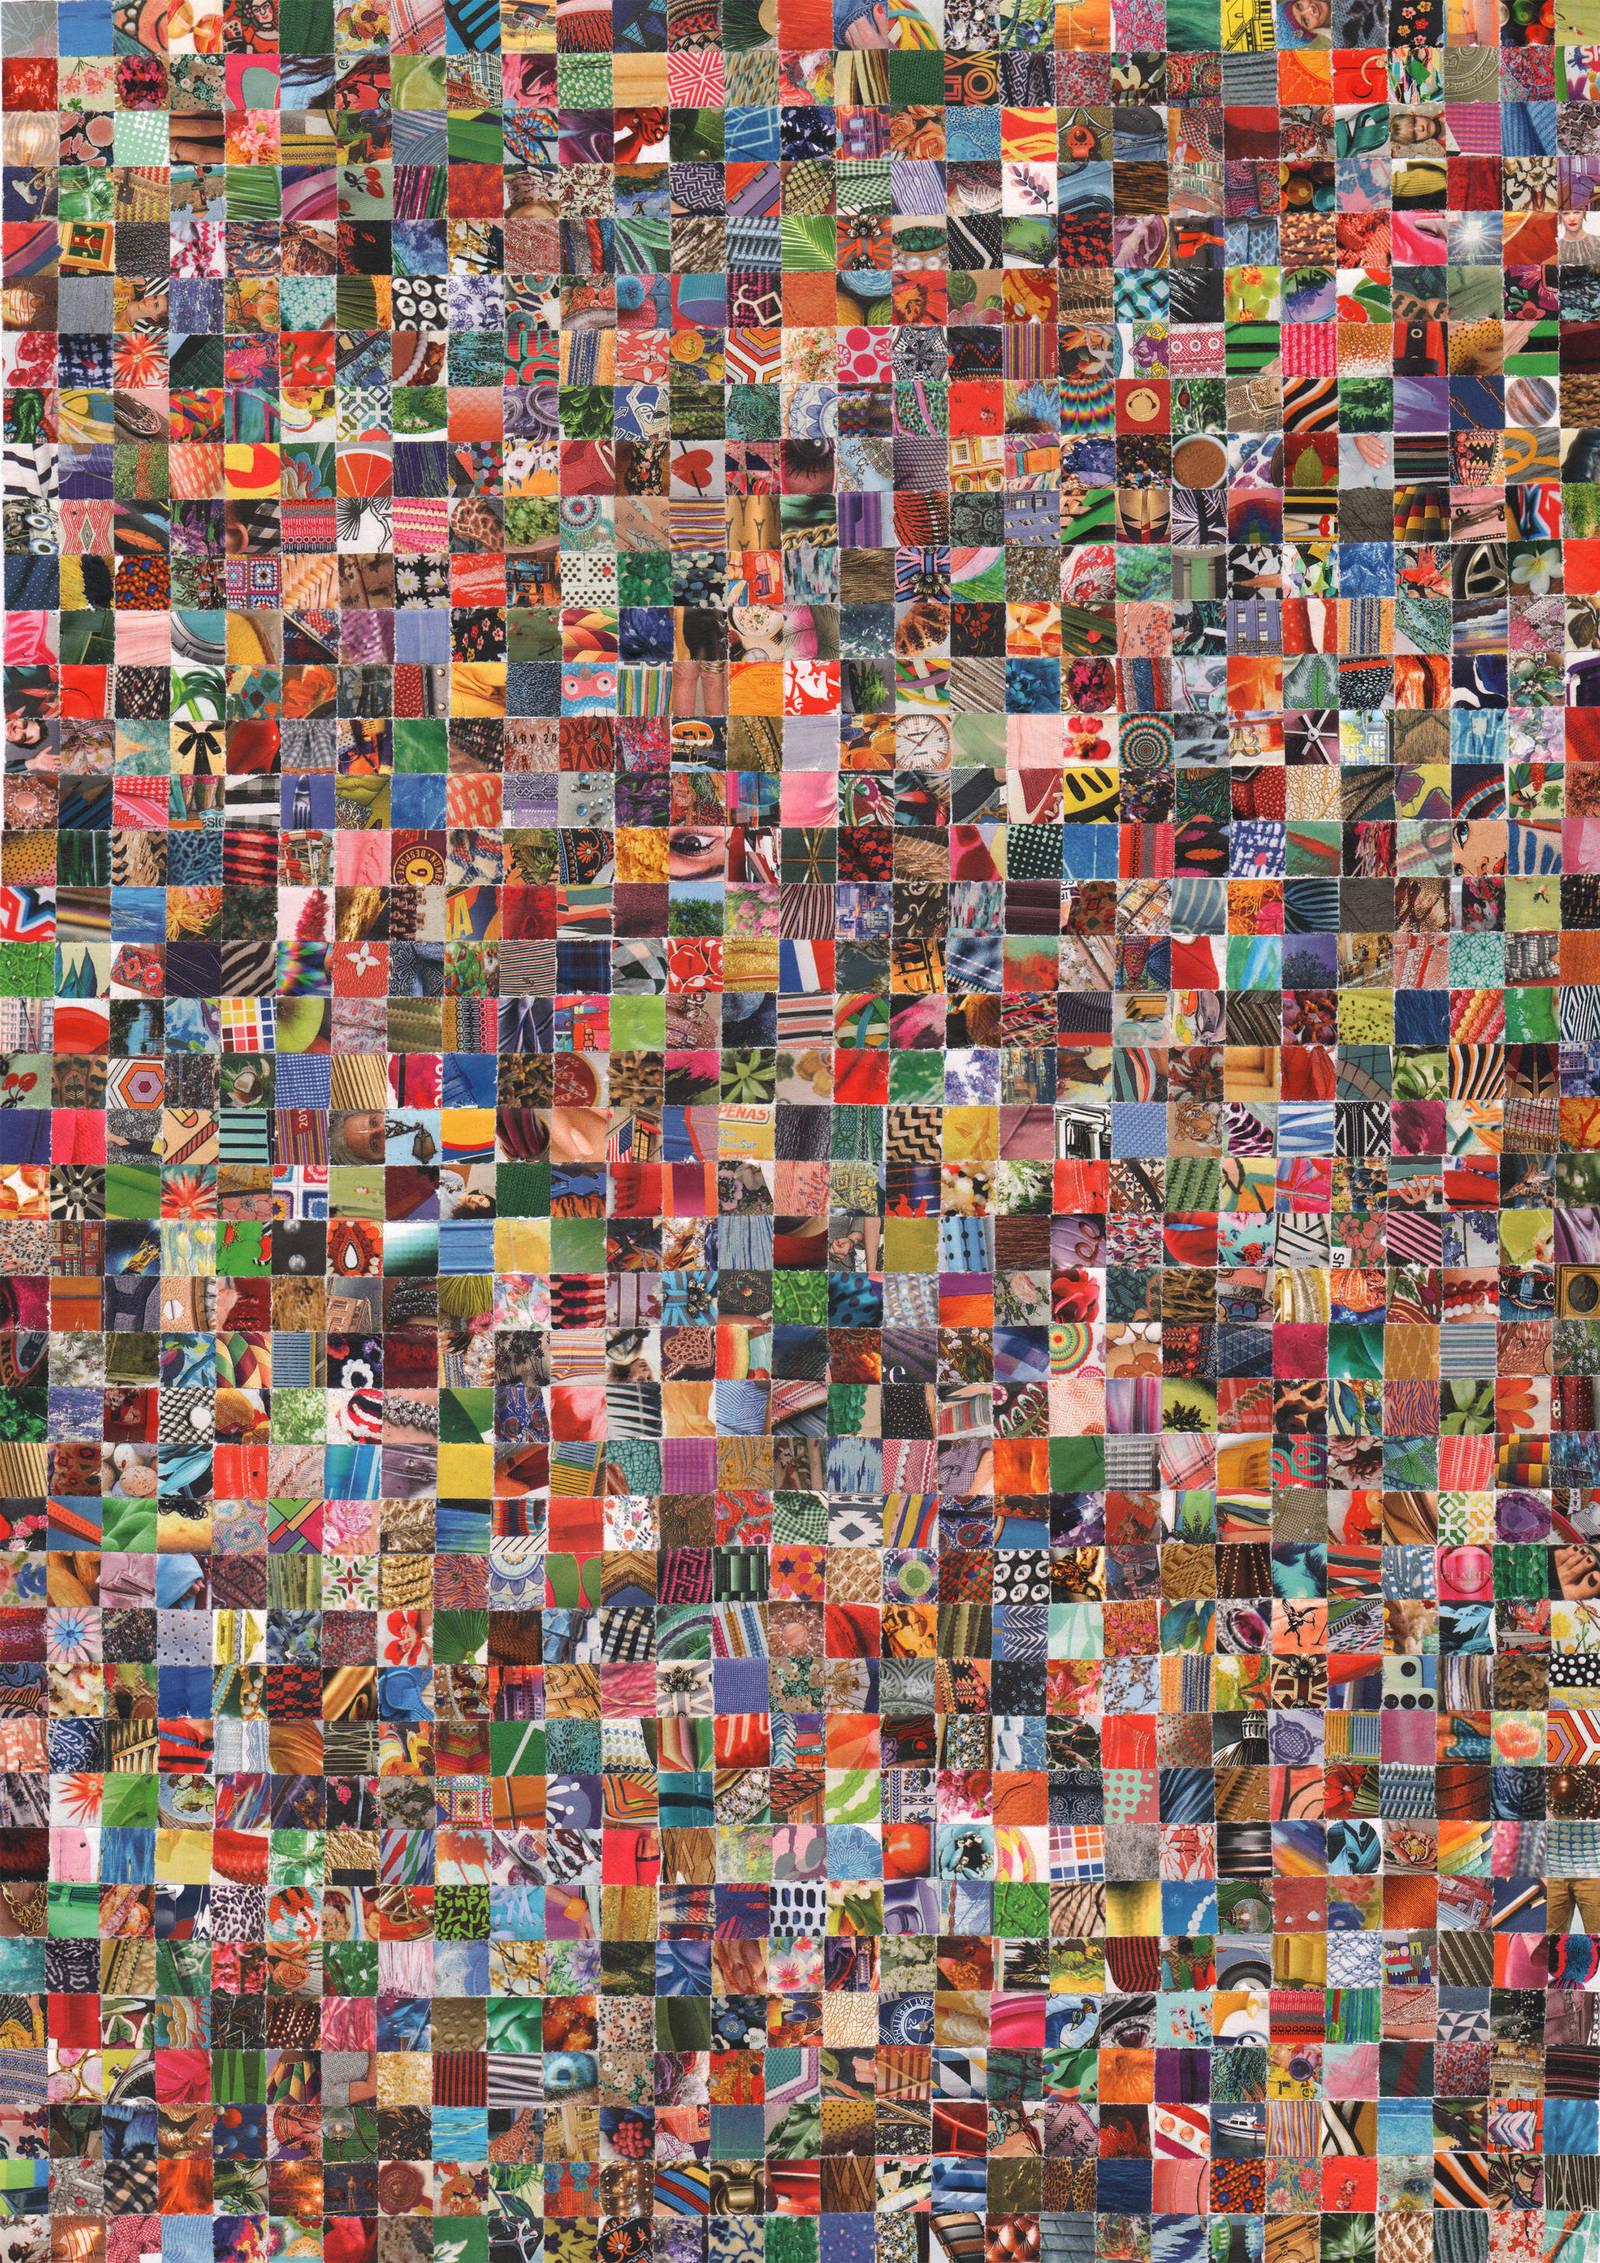 Visual Noise by AKrukowska